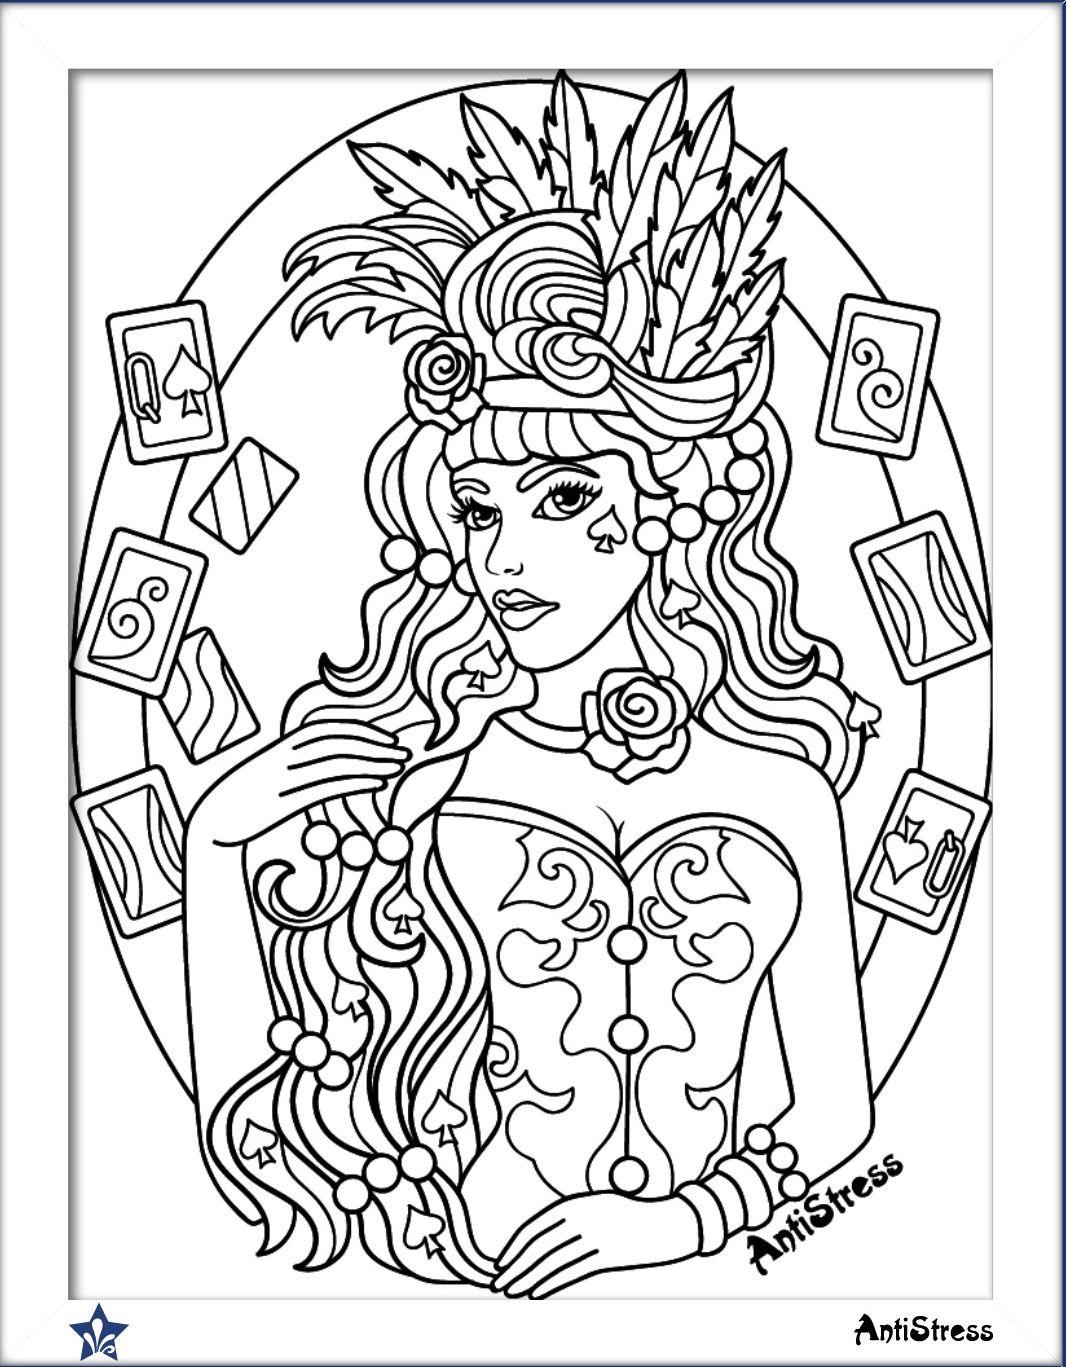 Pin de Val Wilson en Coloring pages   Pinterest   Pintar, Pinturas y ...